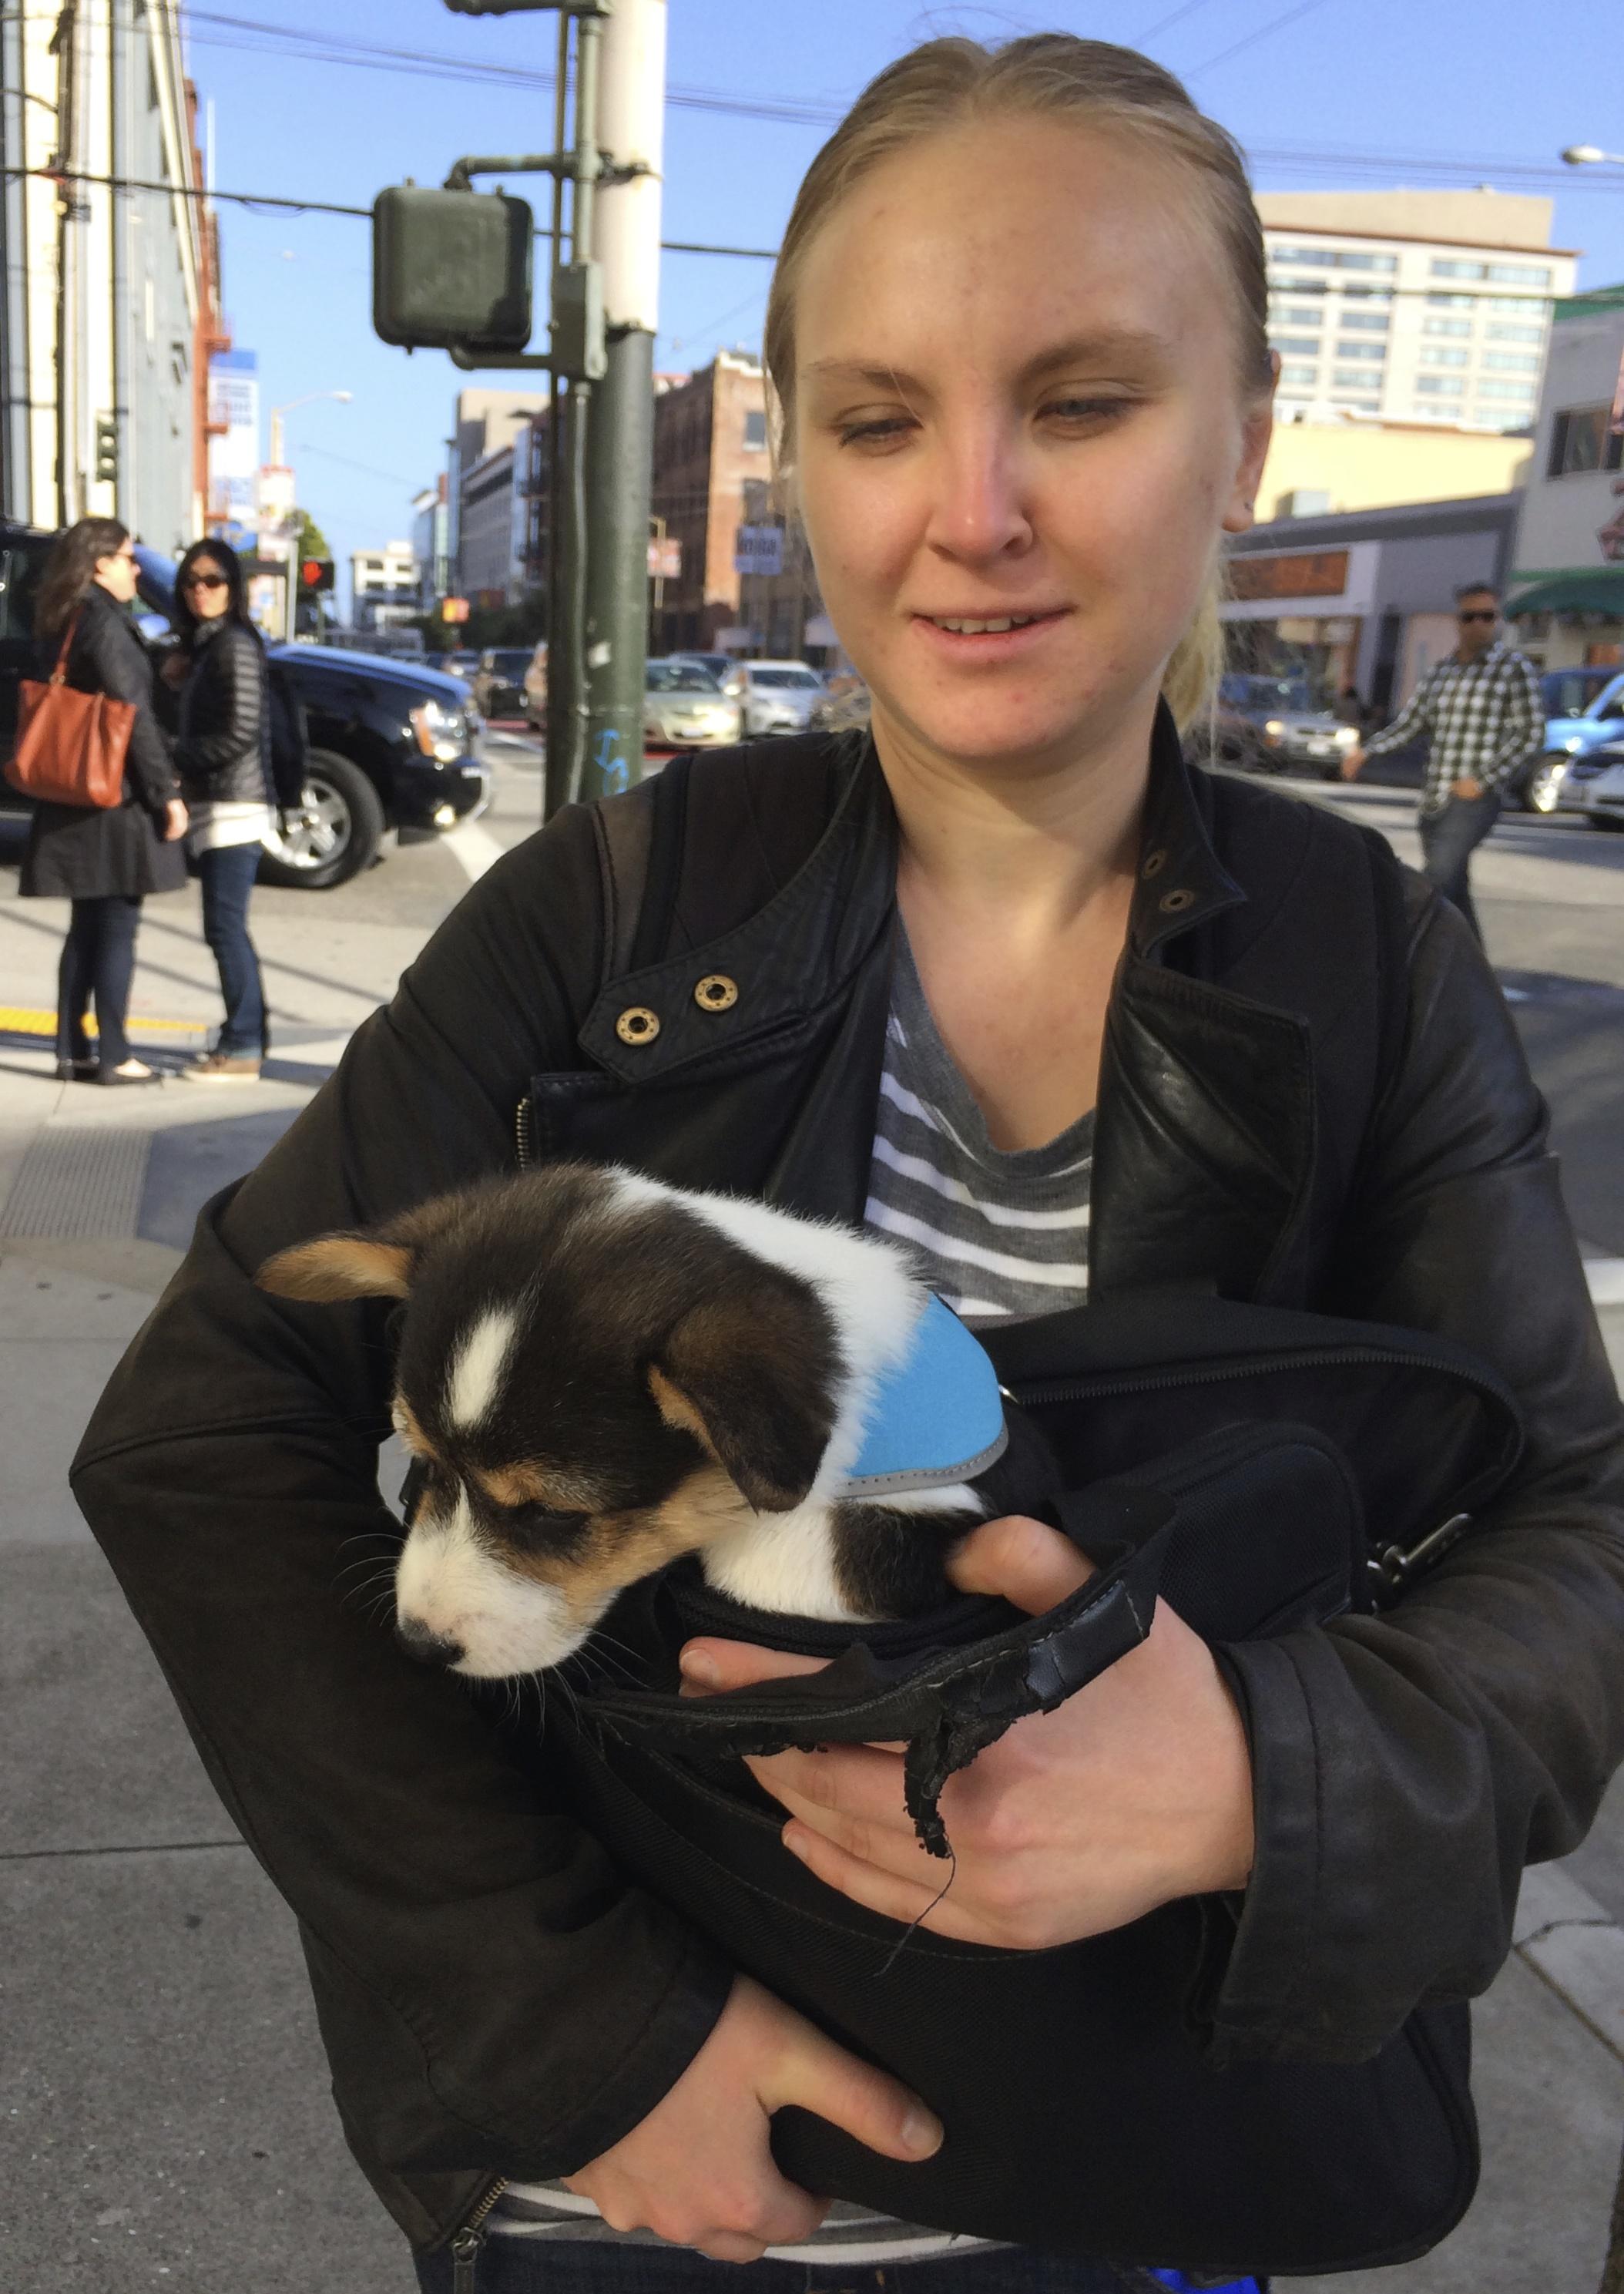 Tricolor Corgi Puppy In A Bag